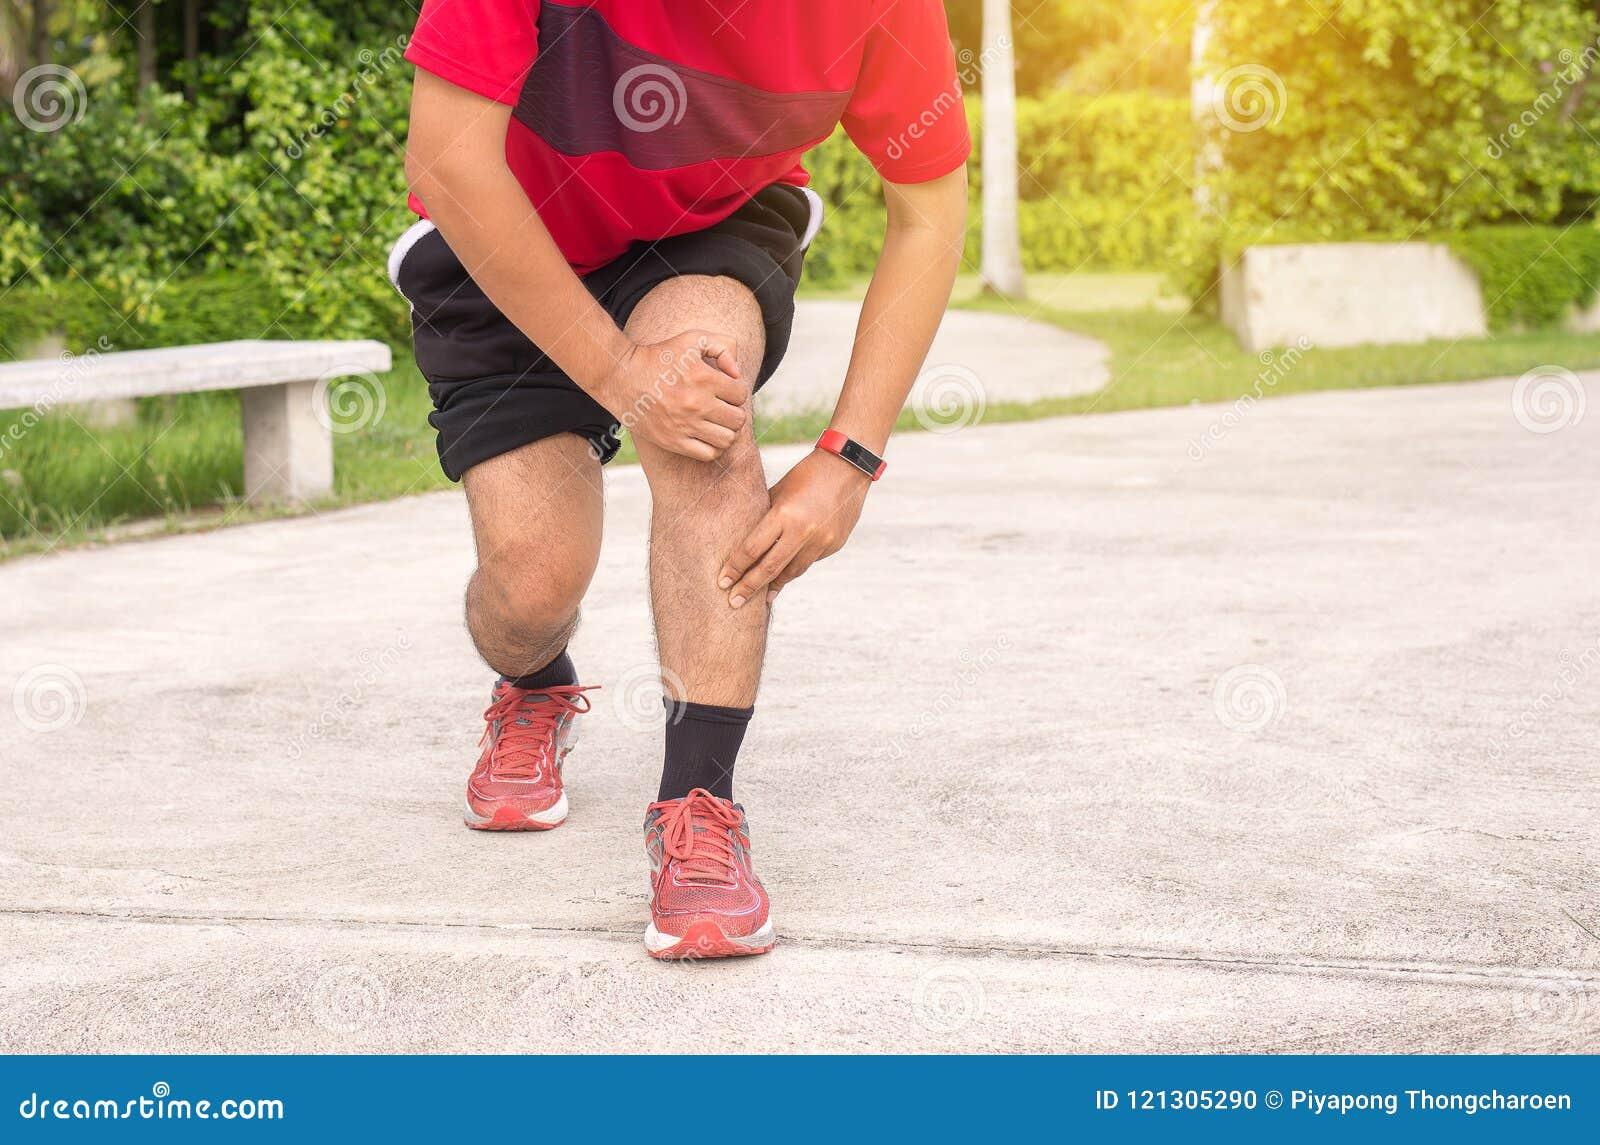 Equipe o sofrimento da dor em ferimento de pé após movimentar-se de corrida do exercício do esporte e malhar